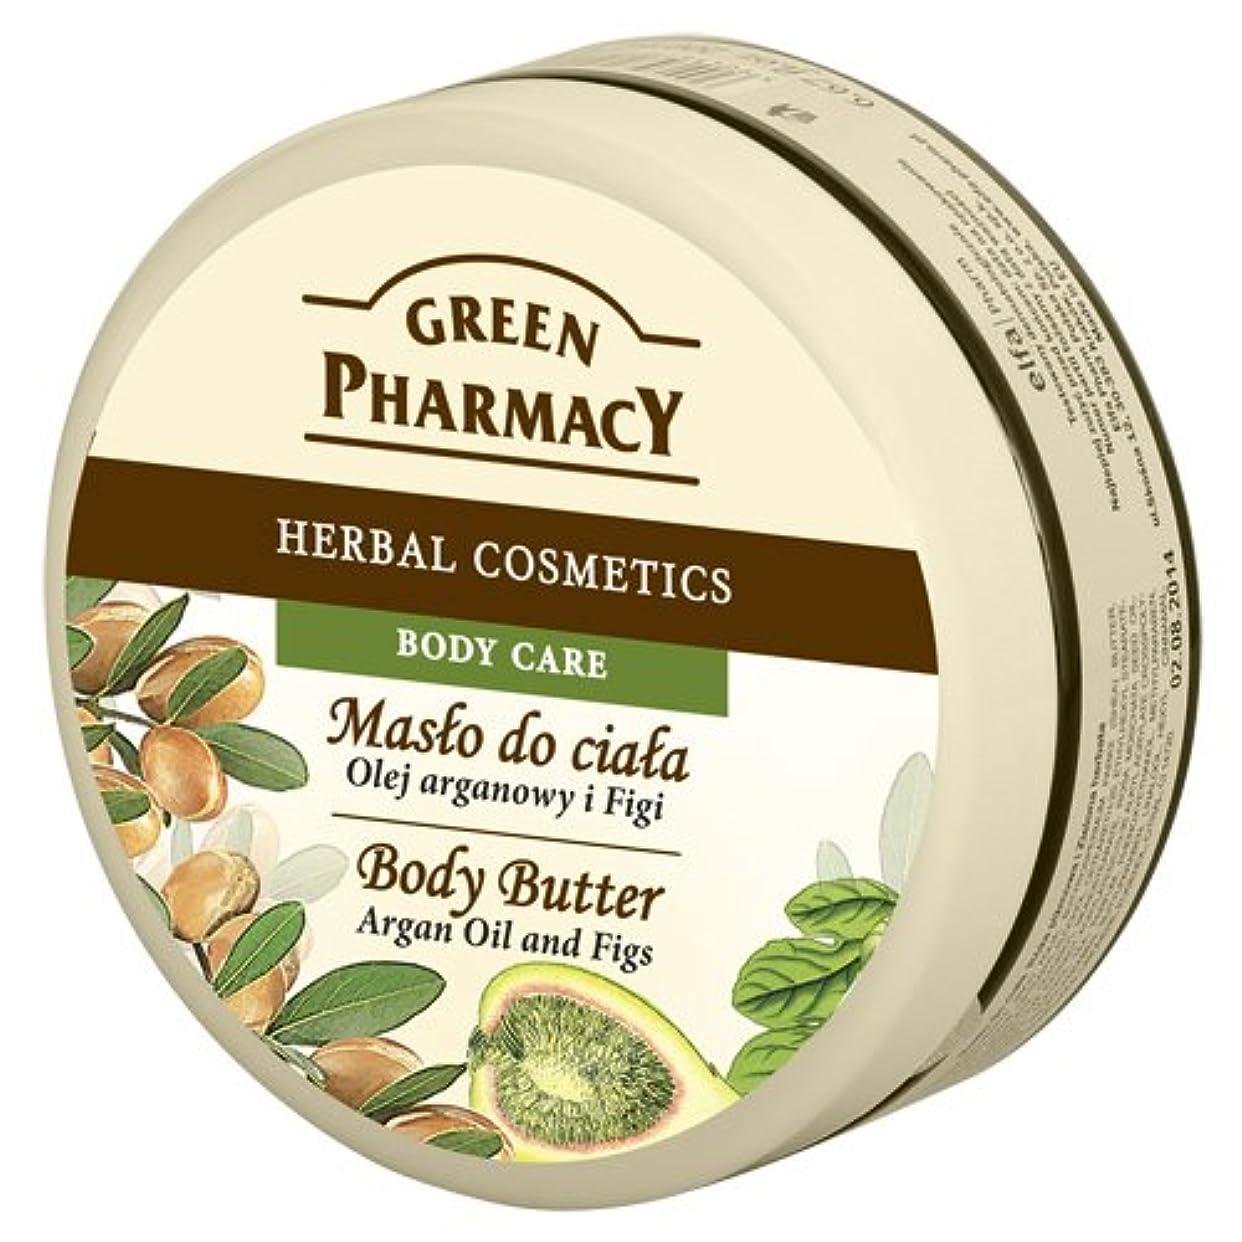 無声でメインバルセロナElfa Pharm Green Pharmacy グリーンファーマシー Body Butter ボディバター Argan Oil and Figs